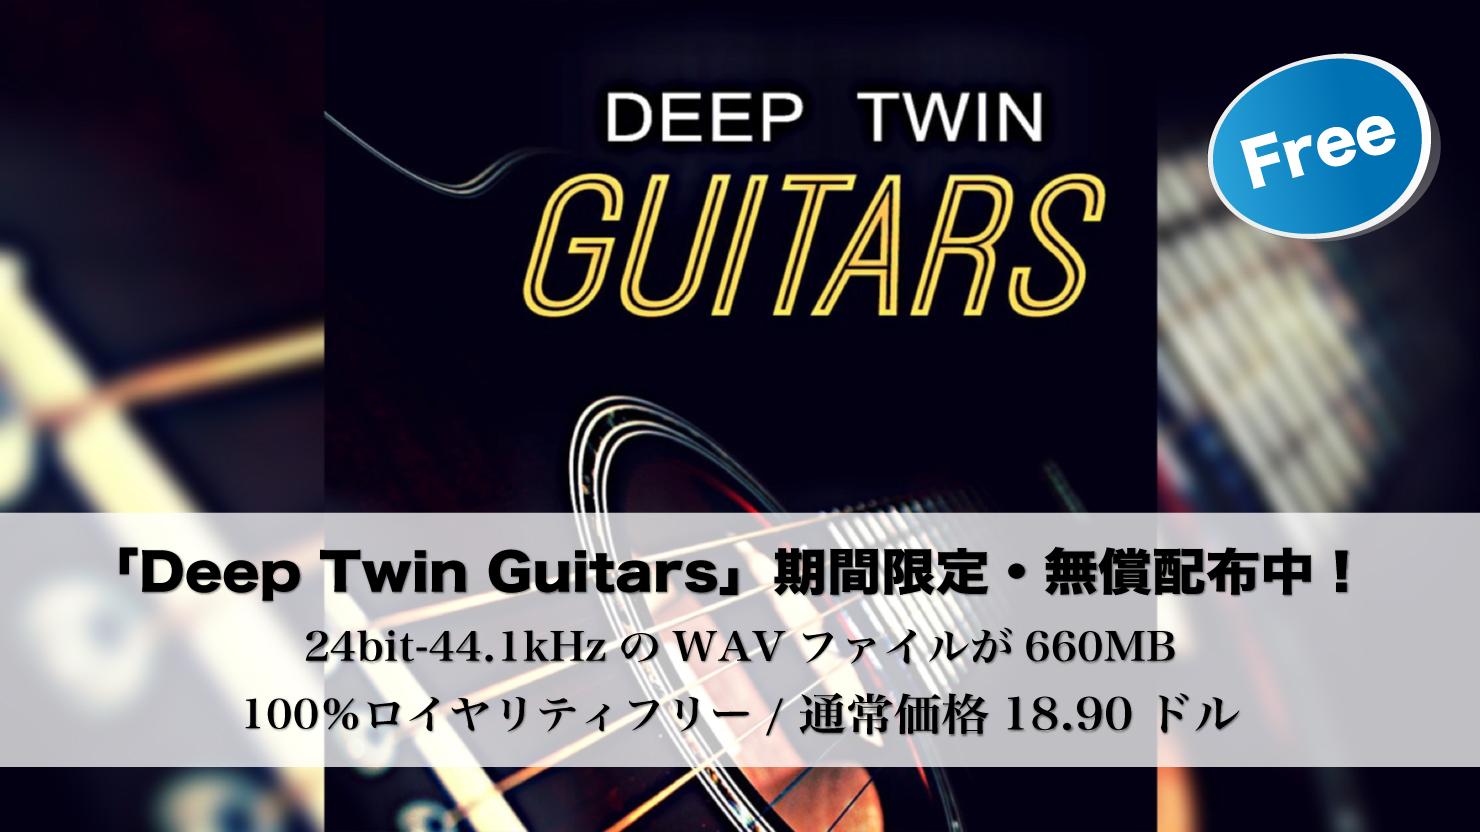 【期間限定・無料】通常価格18.90ドルのギターサンプルパック「Deep Twin Guitars」が無償配布中!